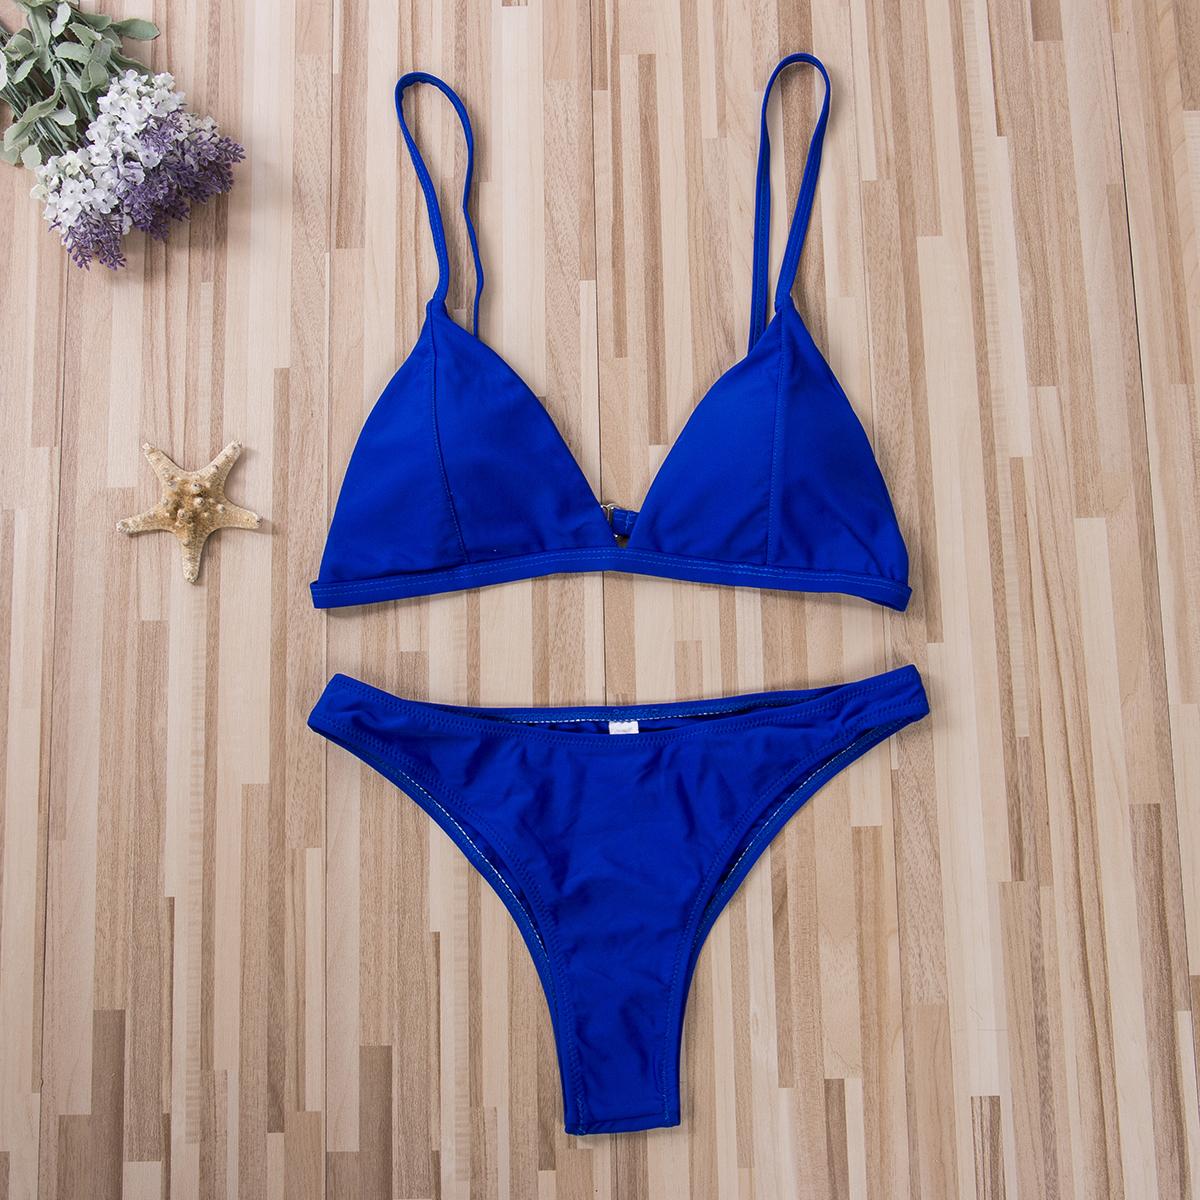 Hirigin, комплект бикини, новинка 2019, женский купальник, чистый цвет, пуш-ап, мягкий купальник, бикини, женский купальник, летняя пляжная одежда 28